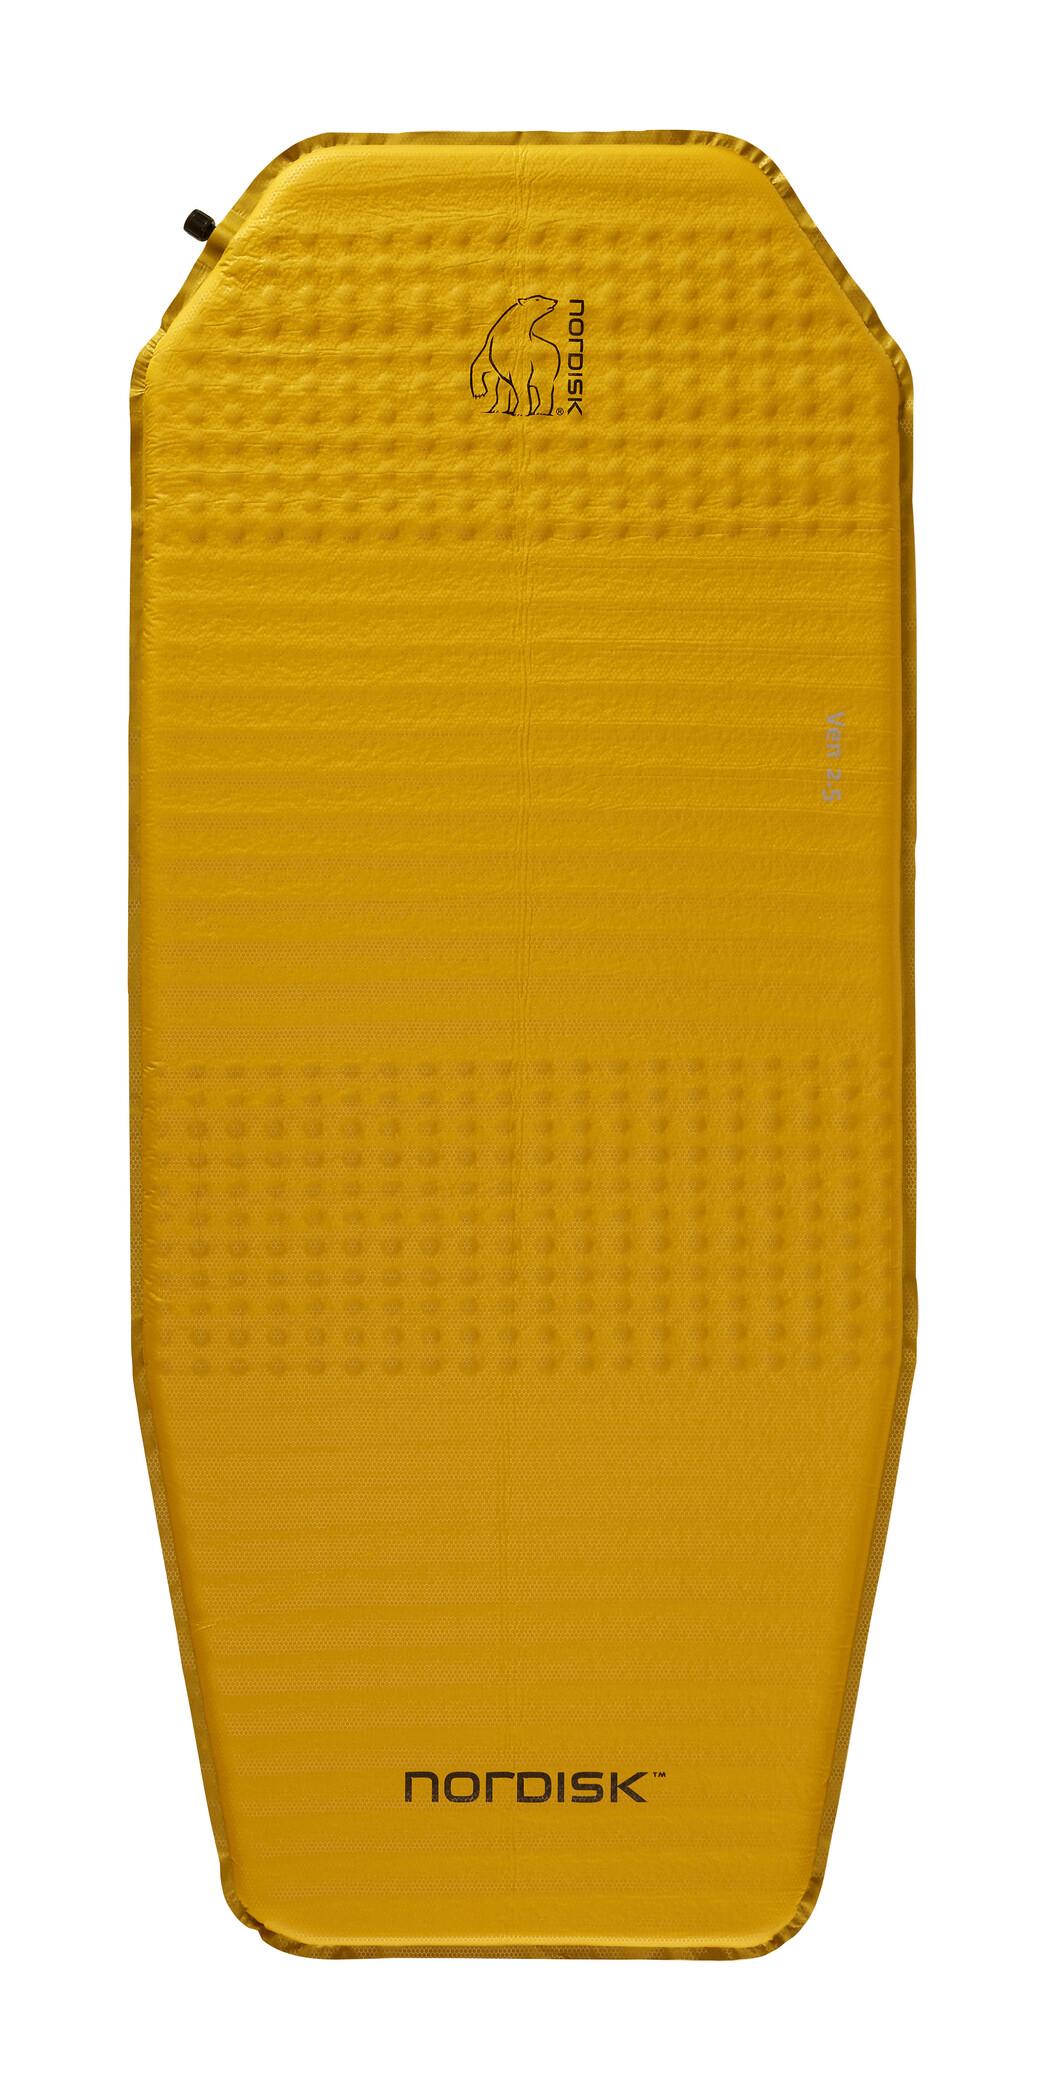 Nordisk Ven 2.5 Liggeunderlag, mustard yellow/black | Transport og opbevaring > Tilbehør